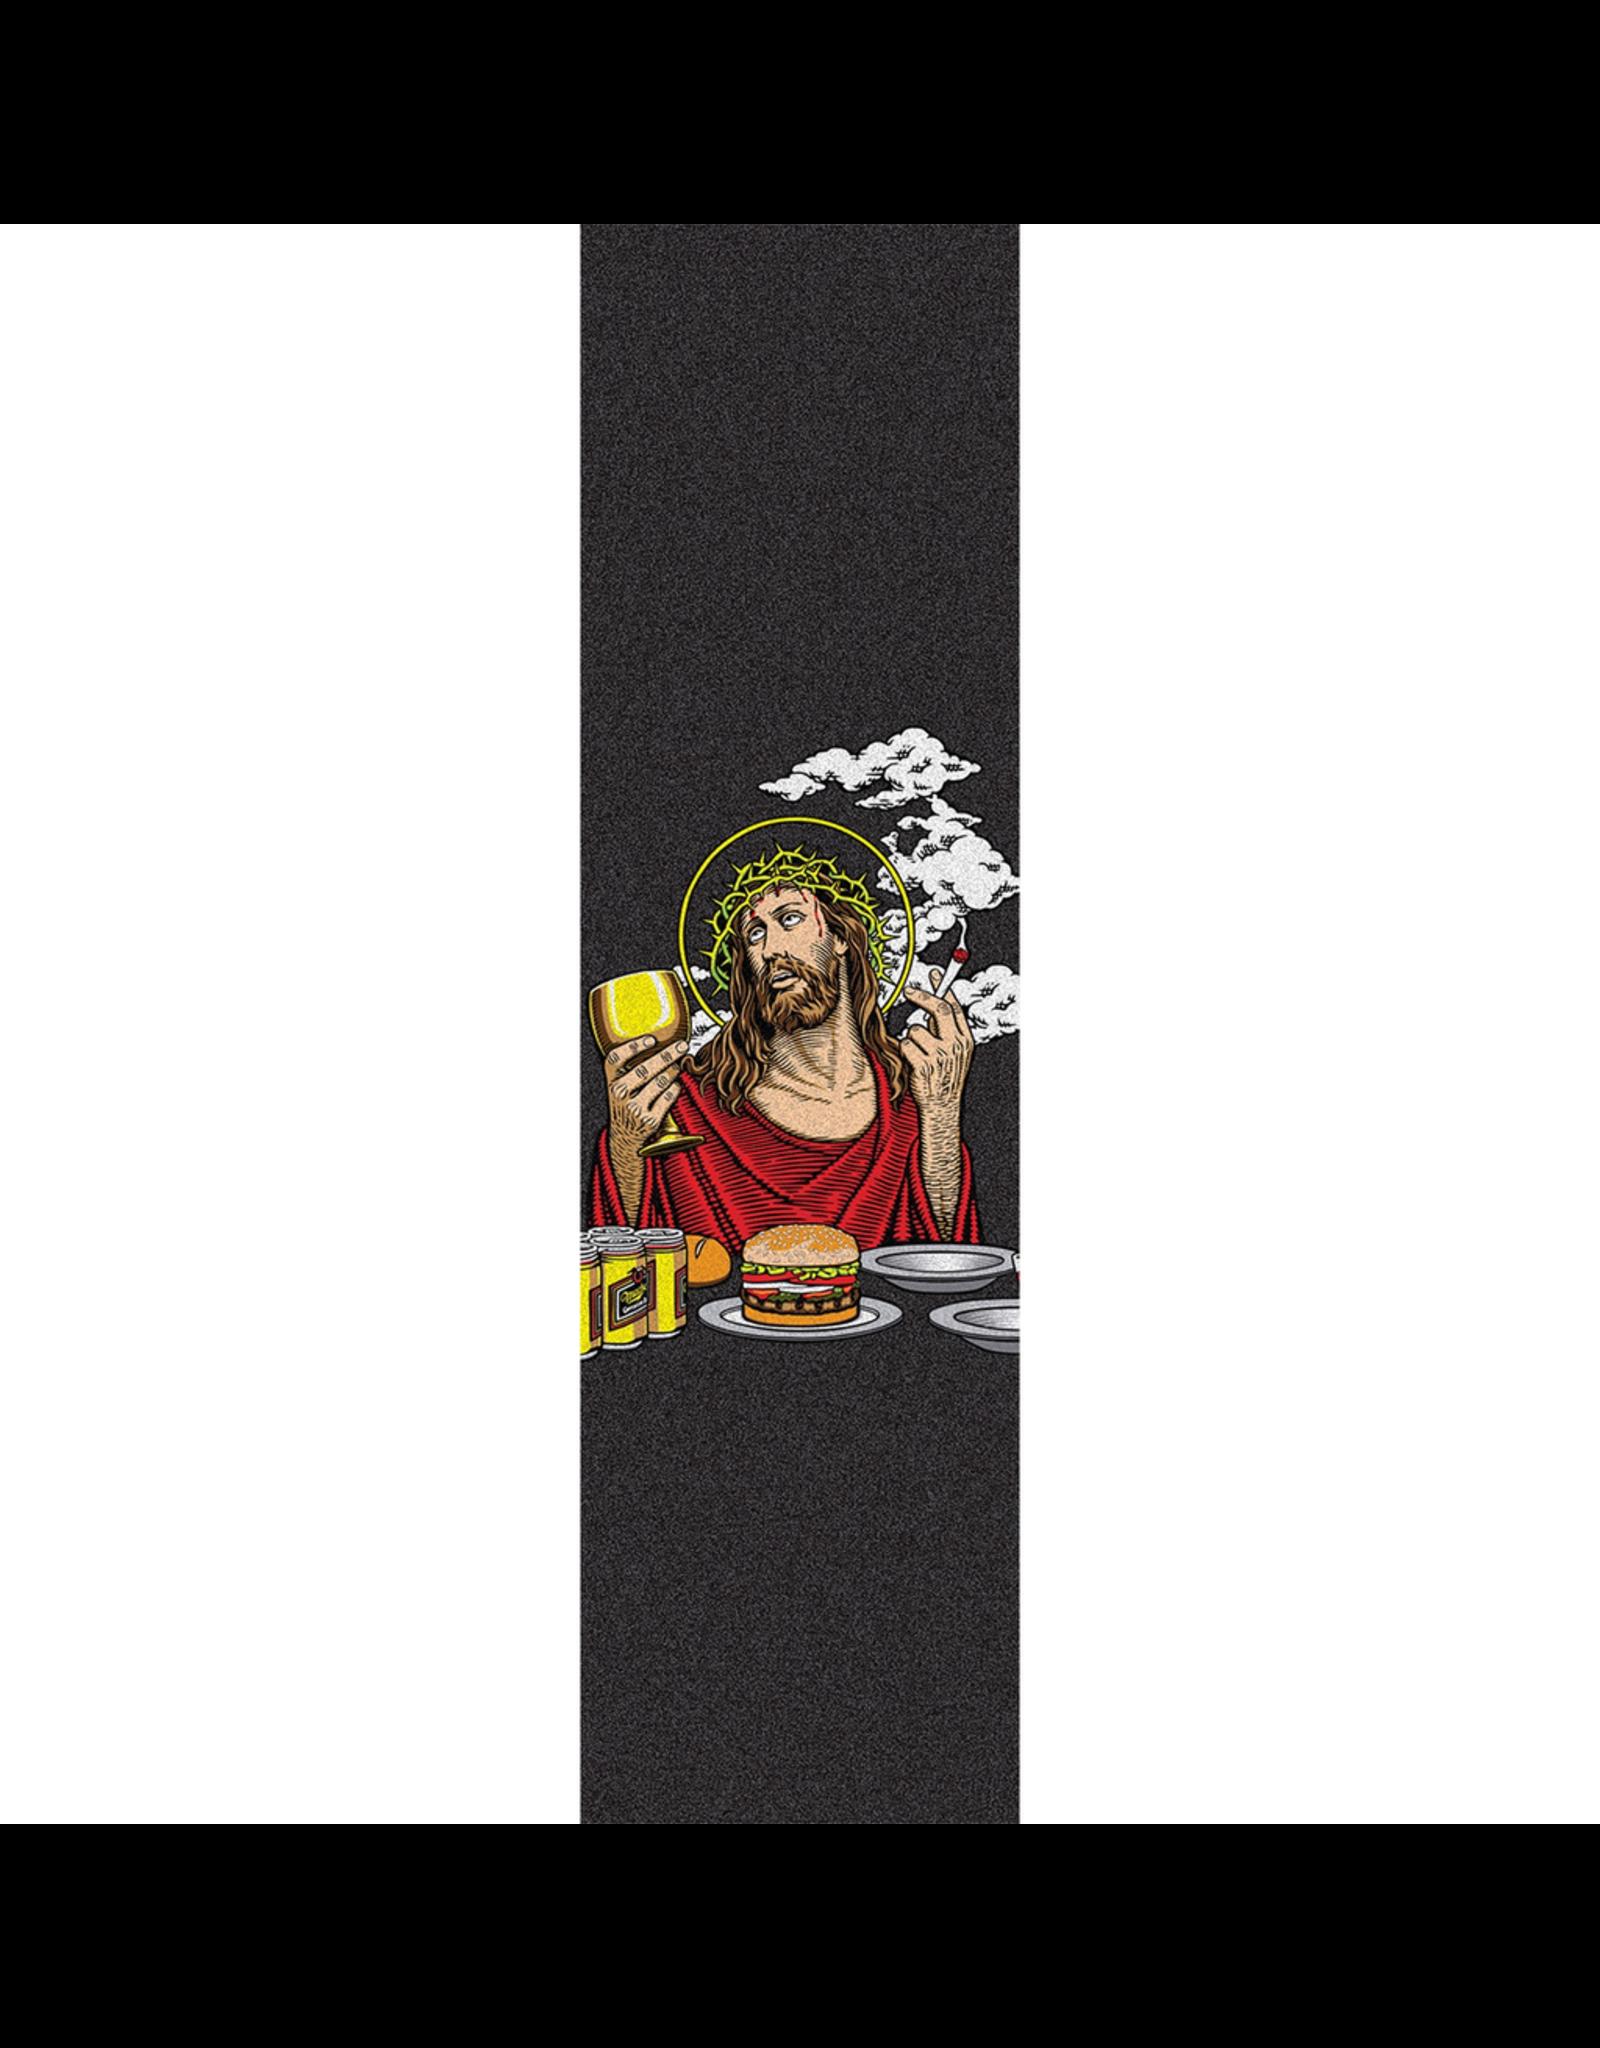 BLIND BLIND SKATEBOARDS SMOKING JESUS GRIP SHEET (9X33)